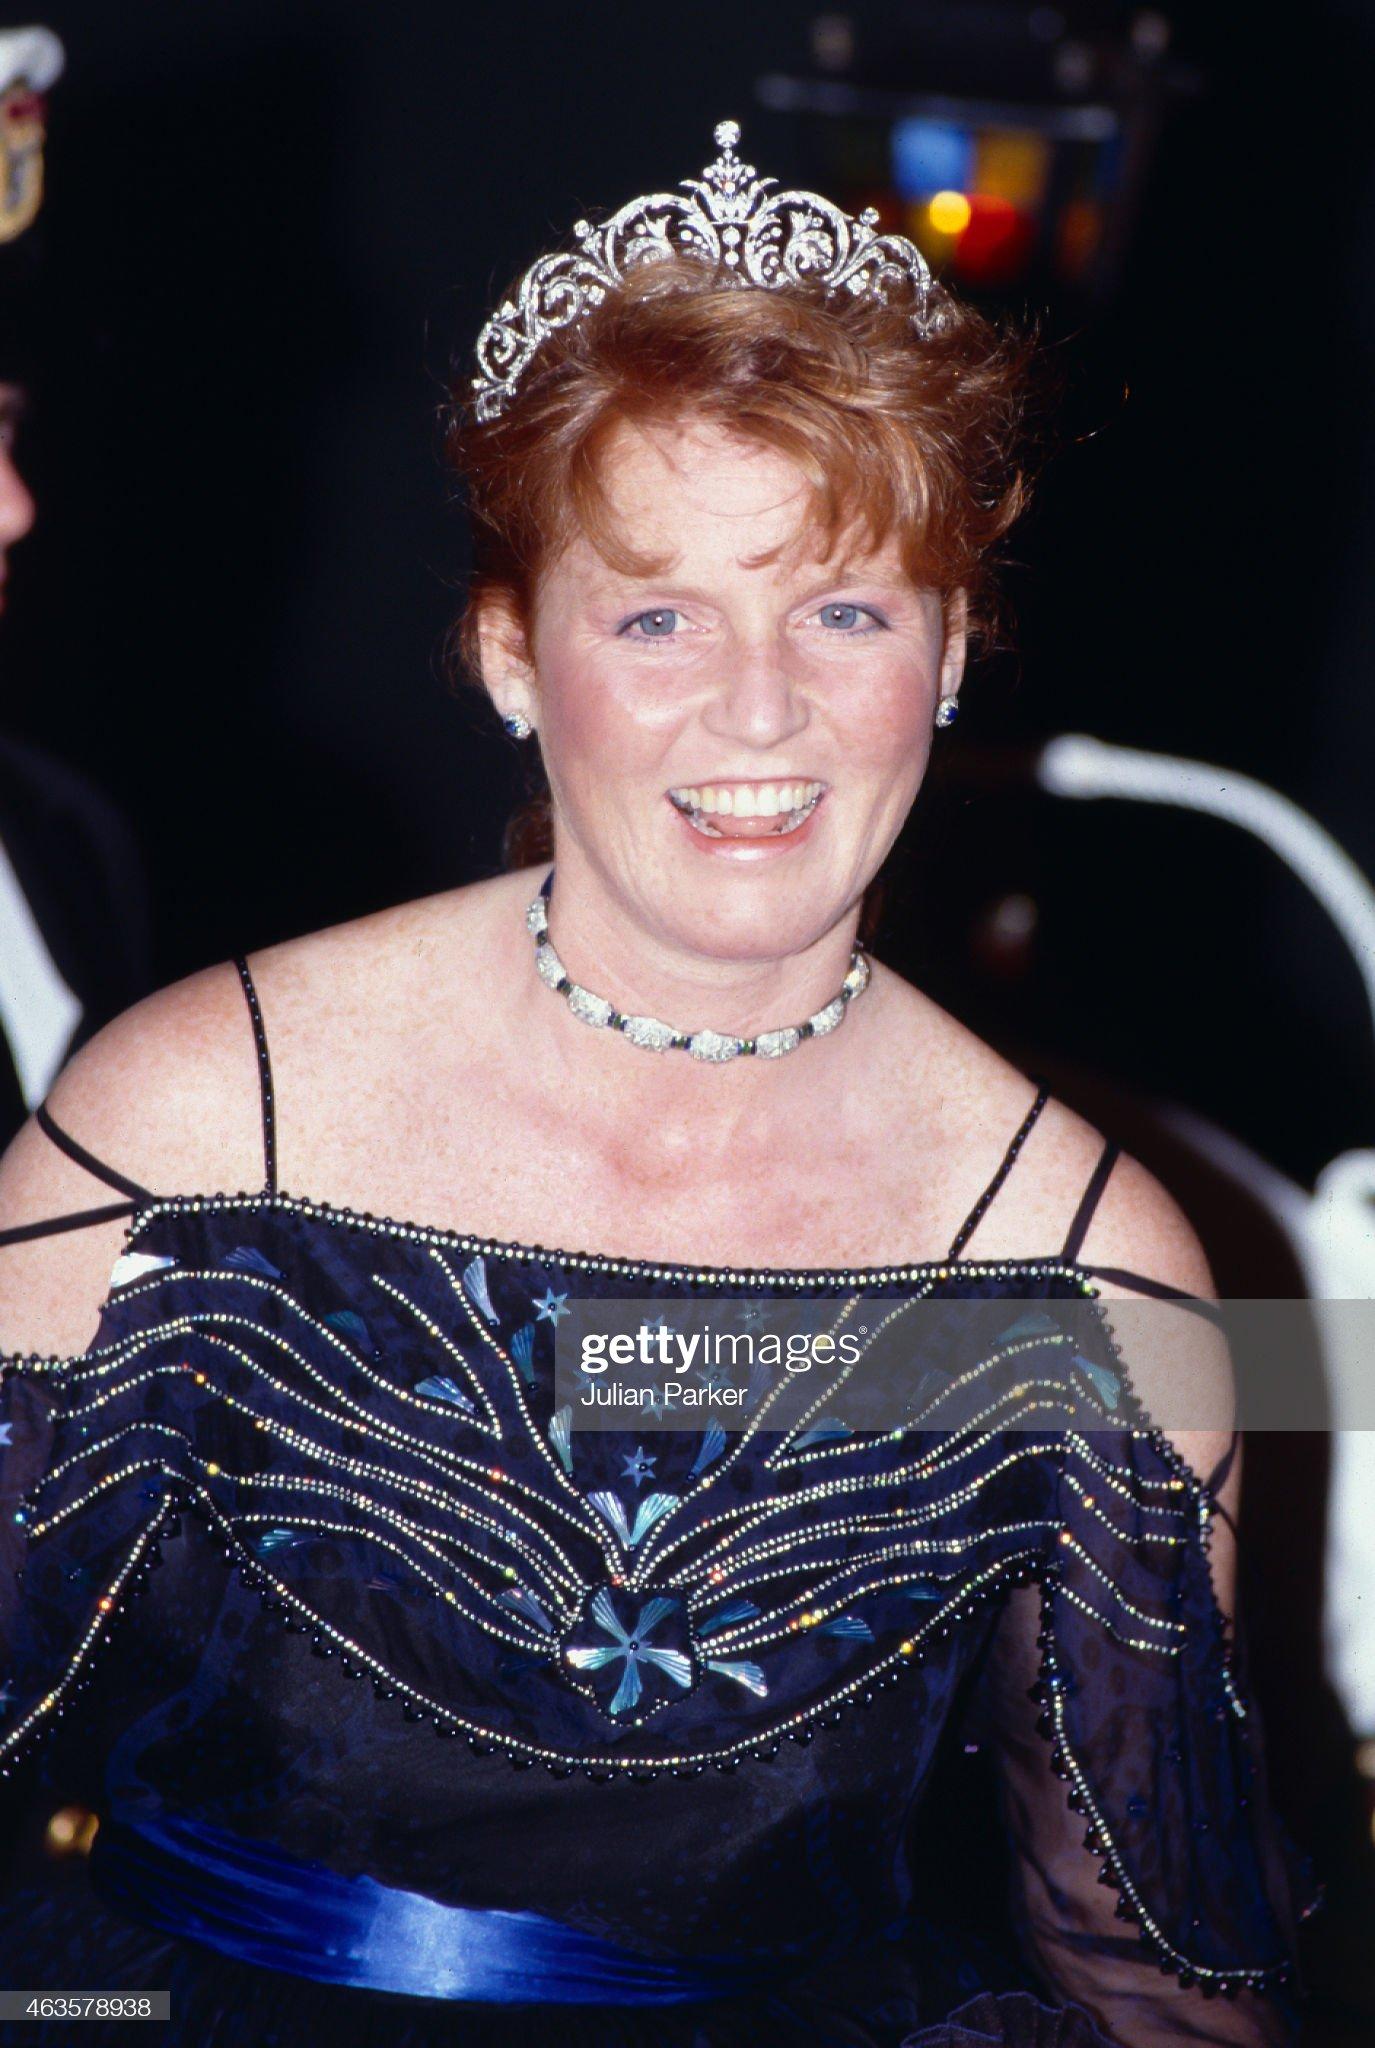 Вечерние наряды Отем пока еще Филлипс и Сары Йоркской Andrew, Duke of York, and Sarah, The Duchess of York tour of Australia 1988 : News Photo